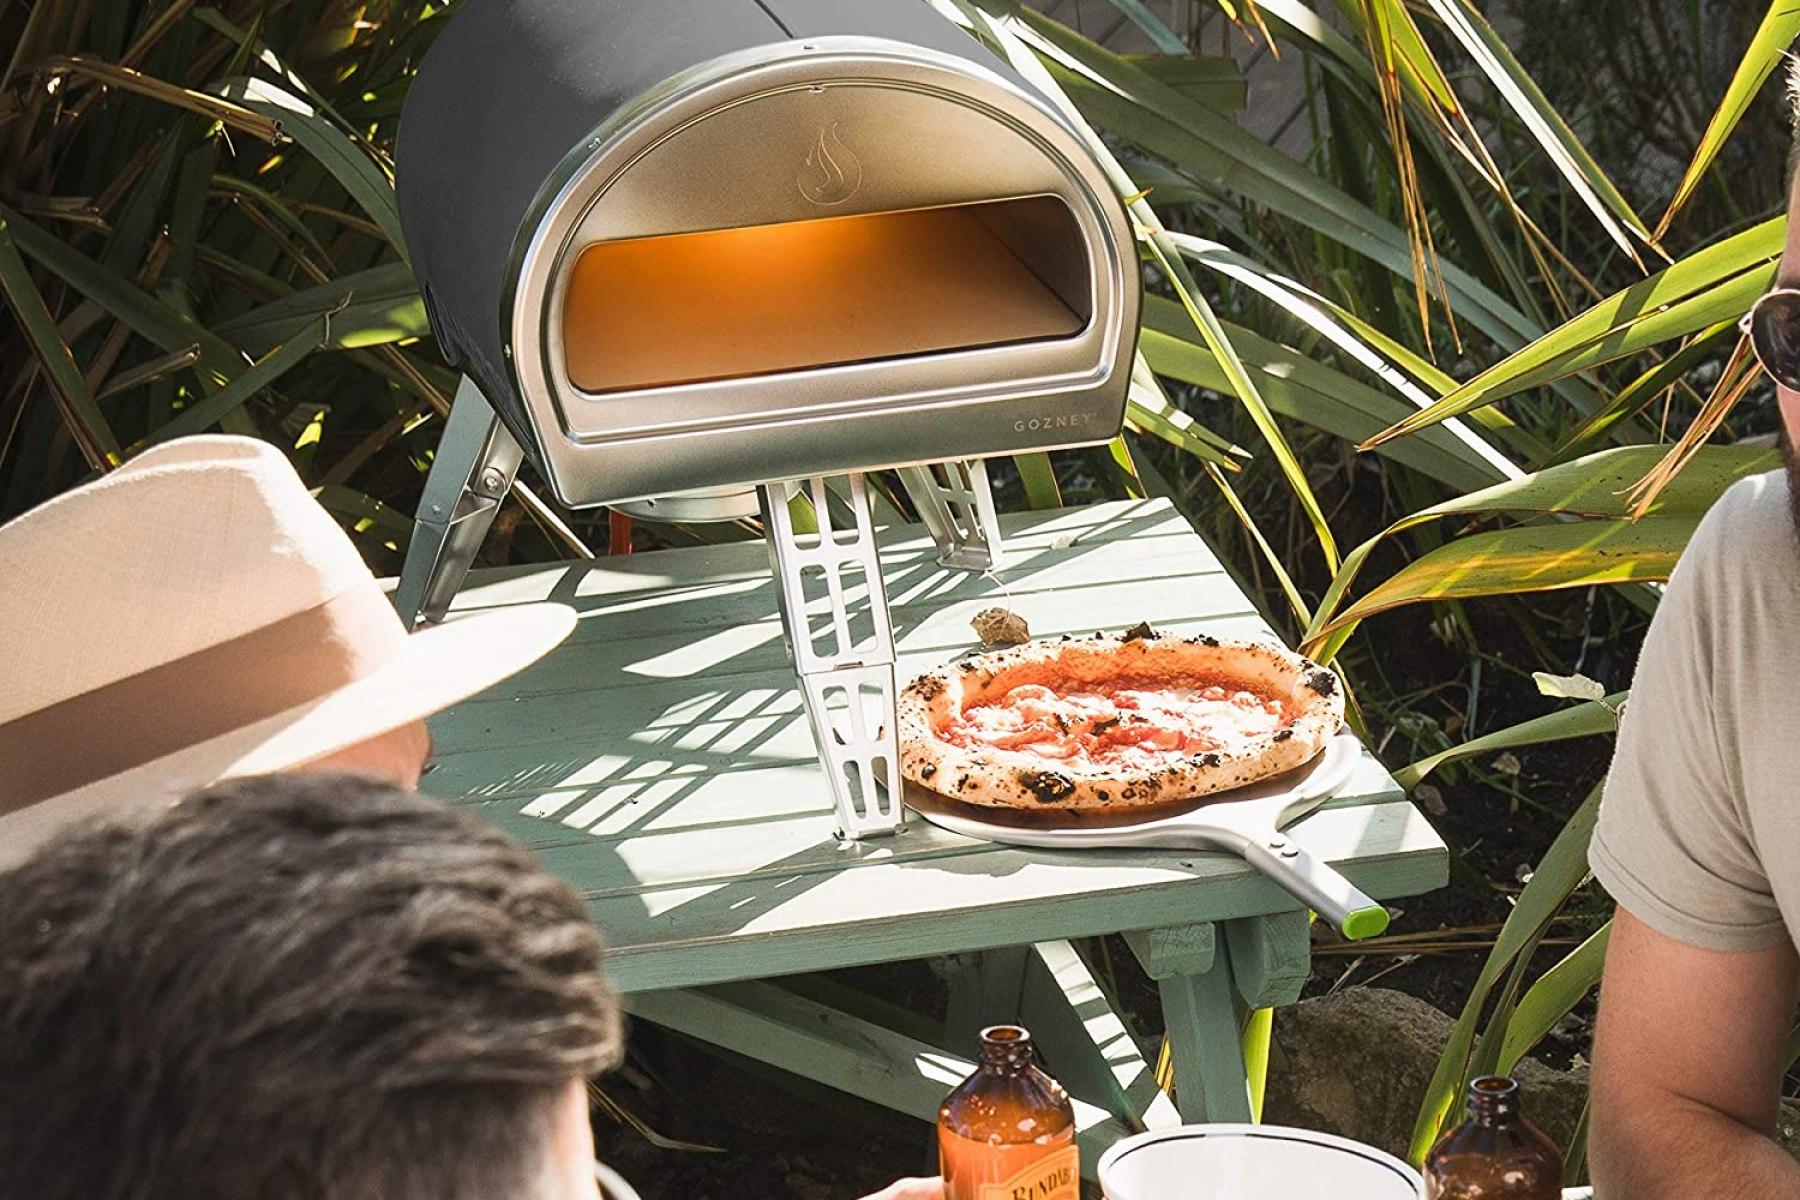 Roccbox-Portable-Pizza-Oven